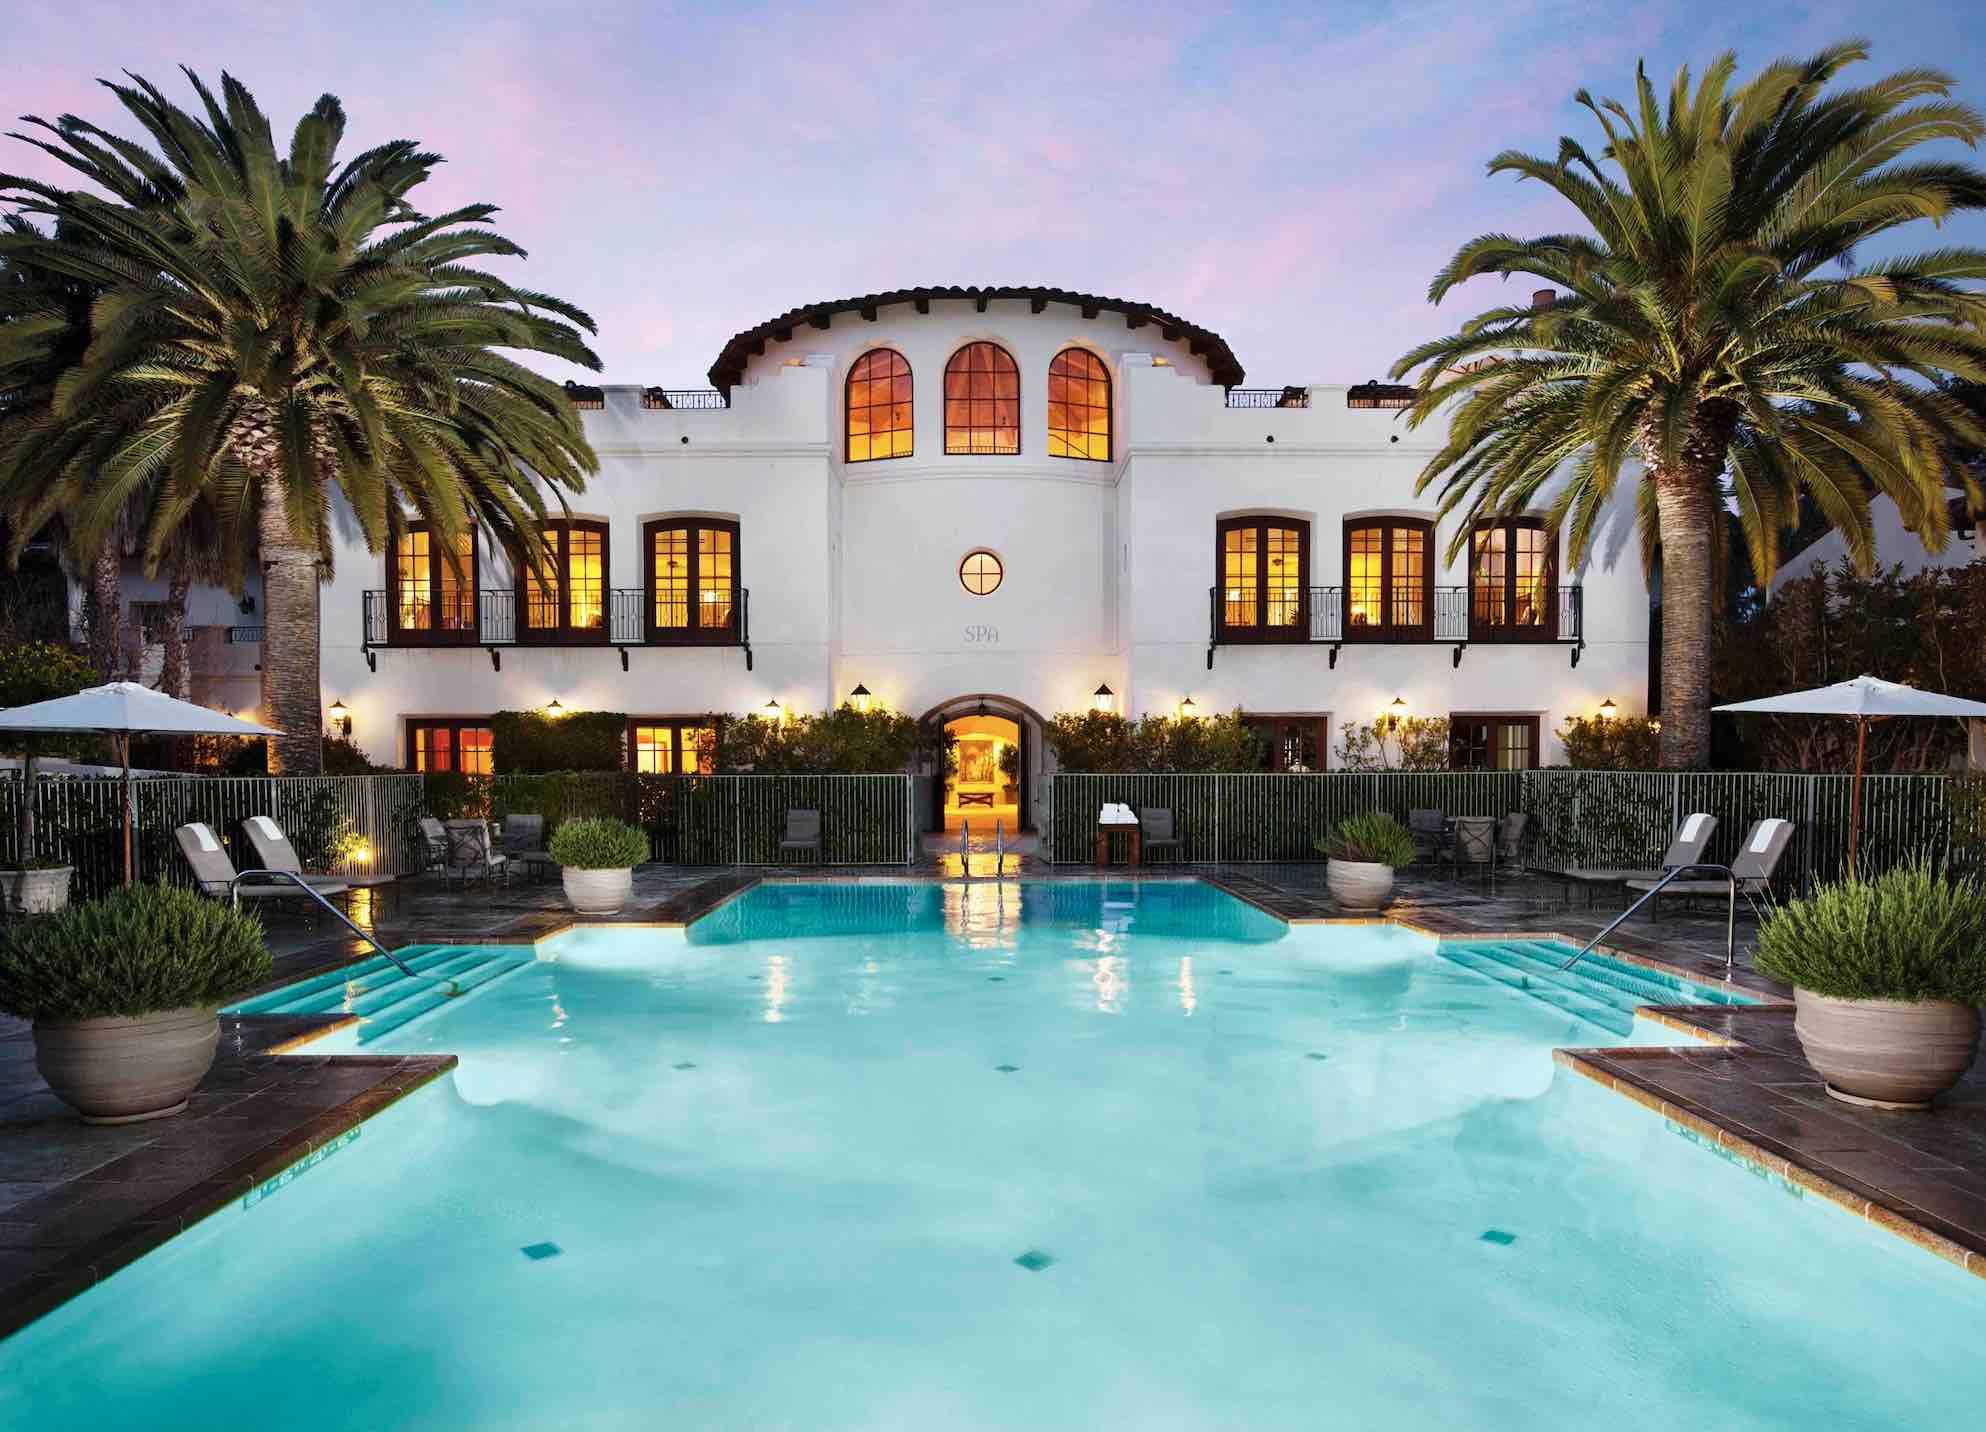 TheRitzCarltonBacara_SpaExterior_courtesyTheRitzCarltonBacara things to do in Santa Barbara